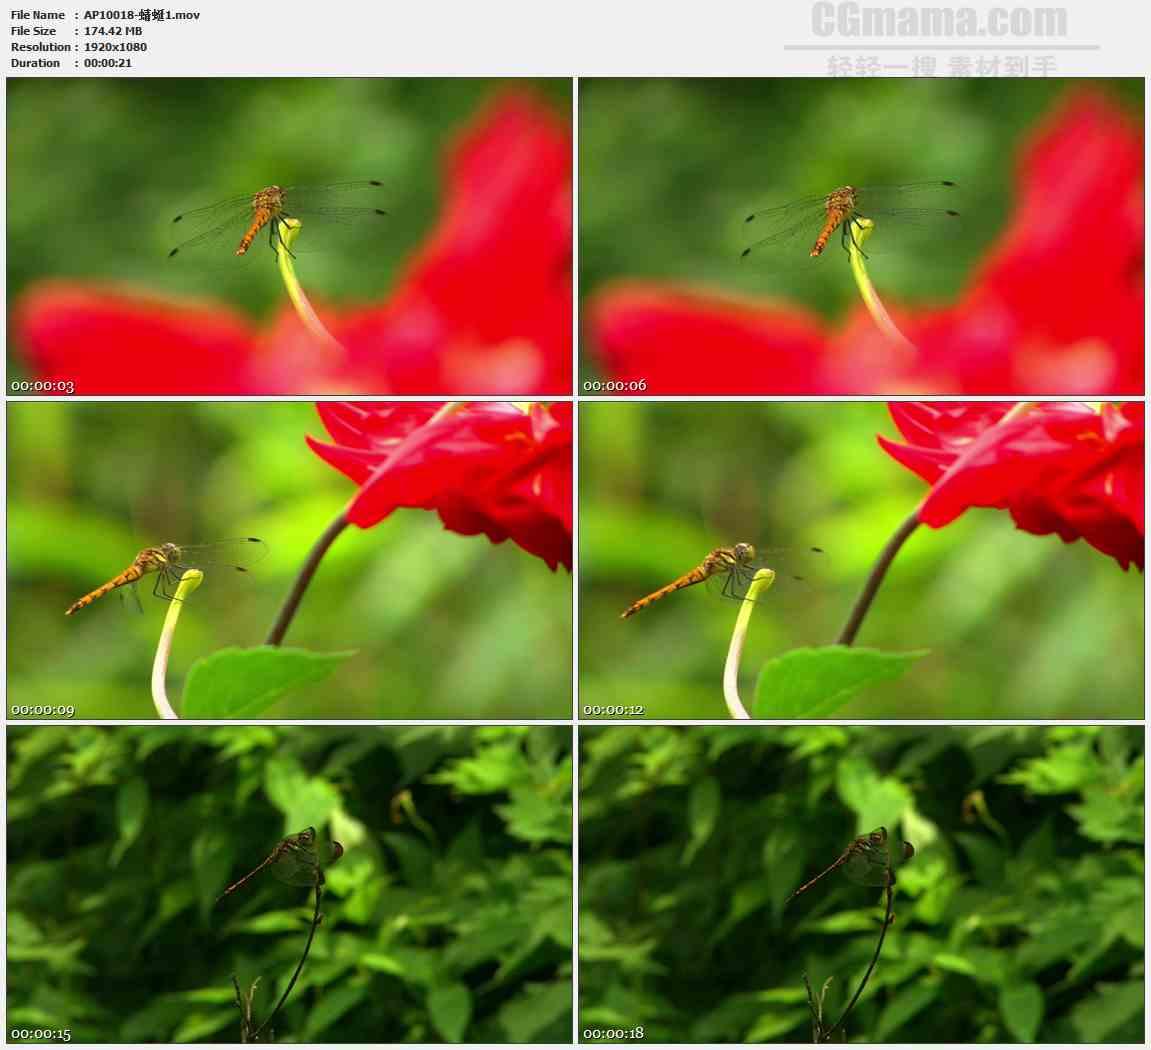 AP10018-蜻蜓停留在树枝头高清实拍视频素材